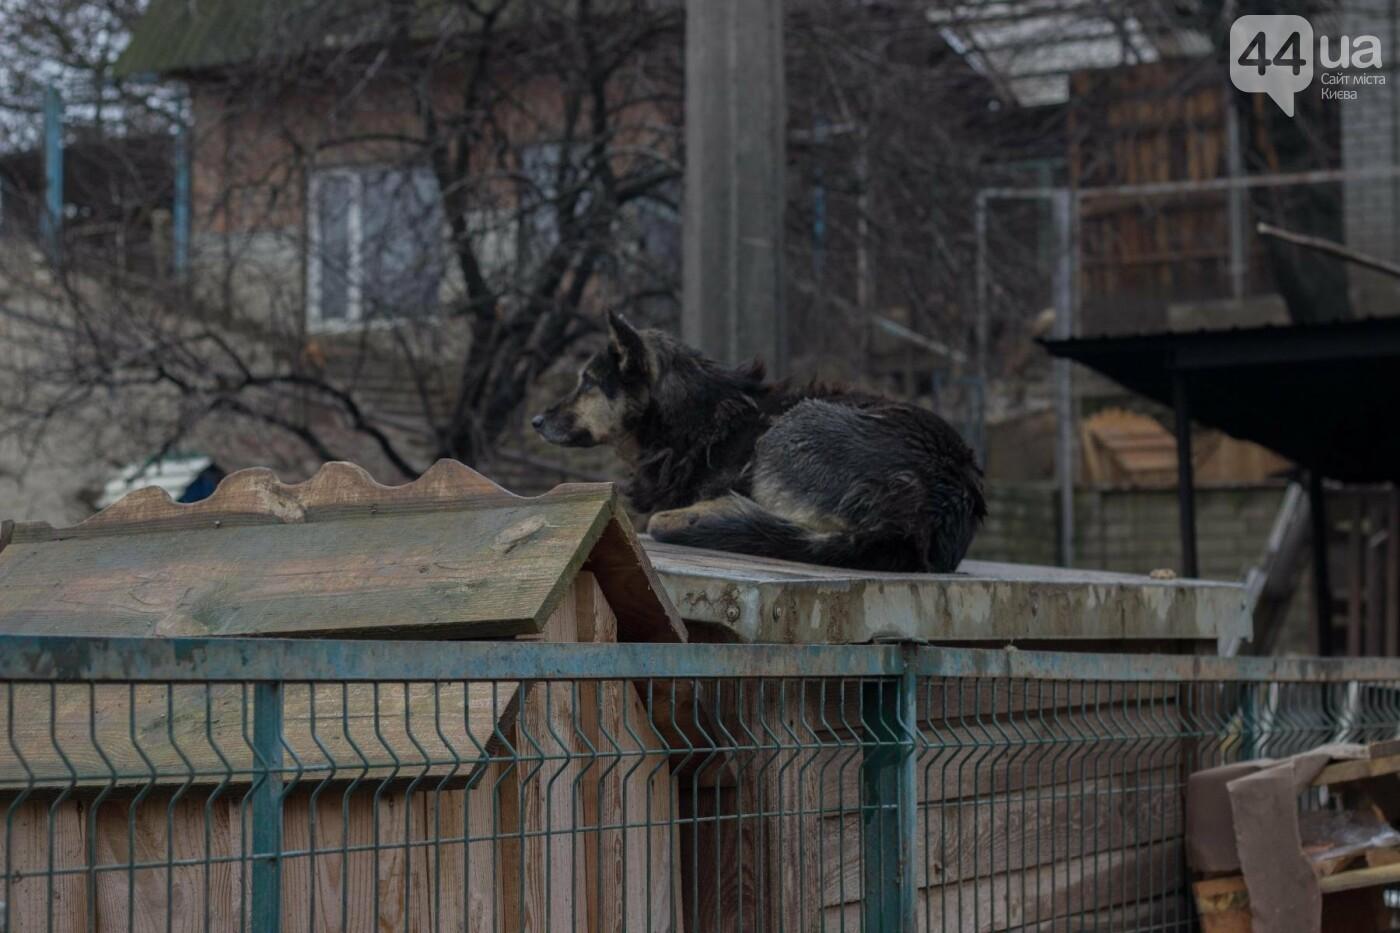 В приюте для животных неизвестные расстреливают и калечат собак, фото-17